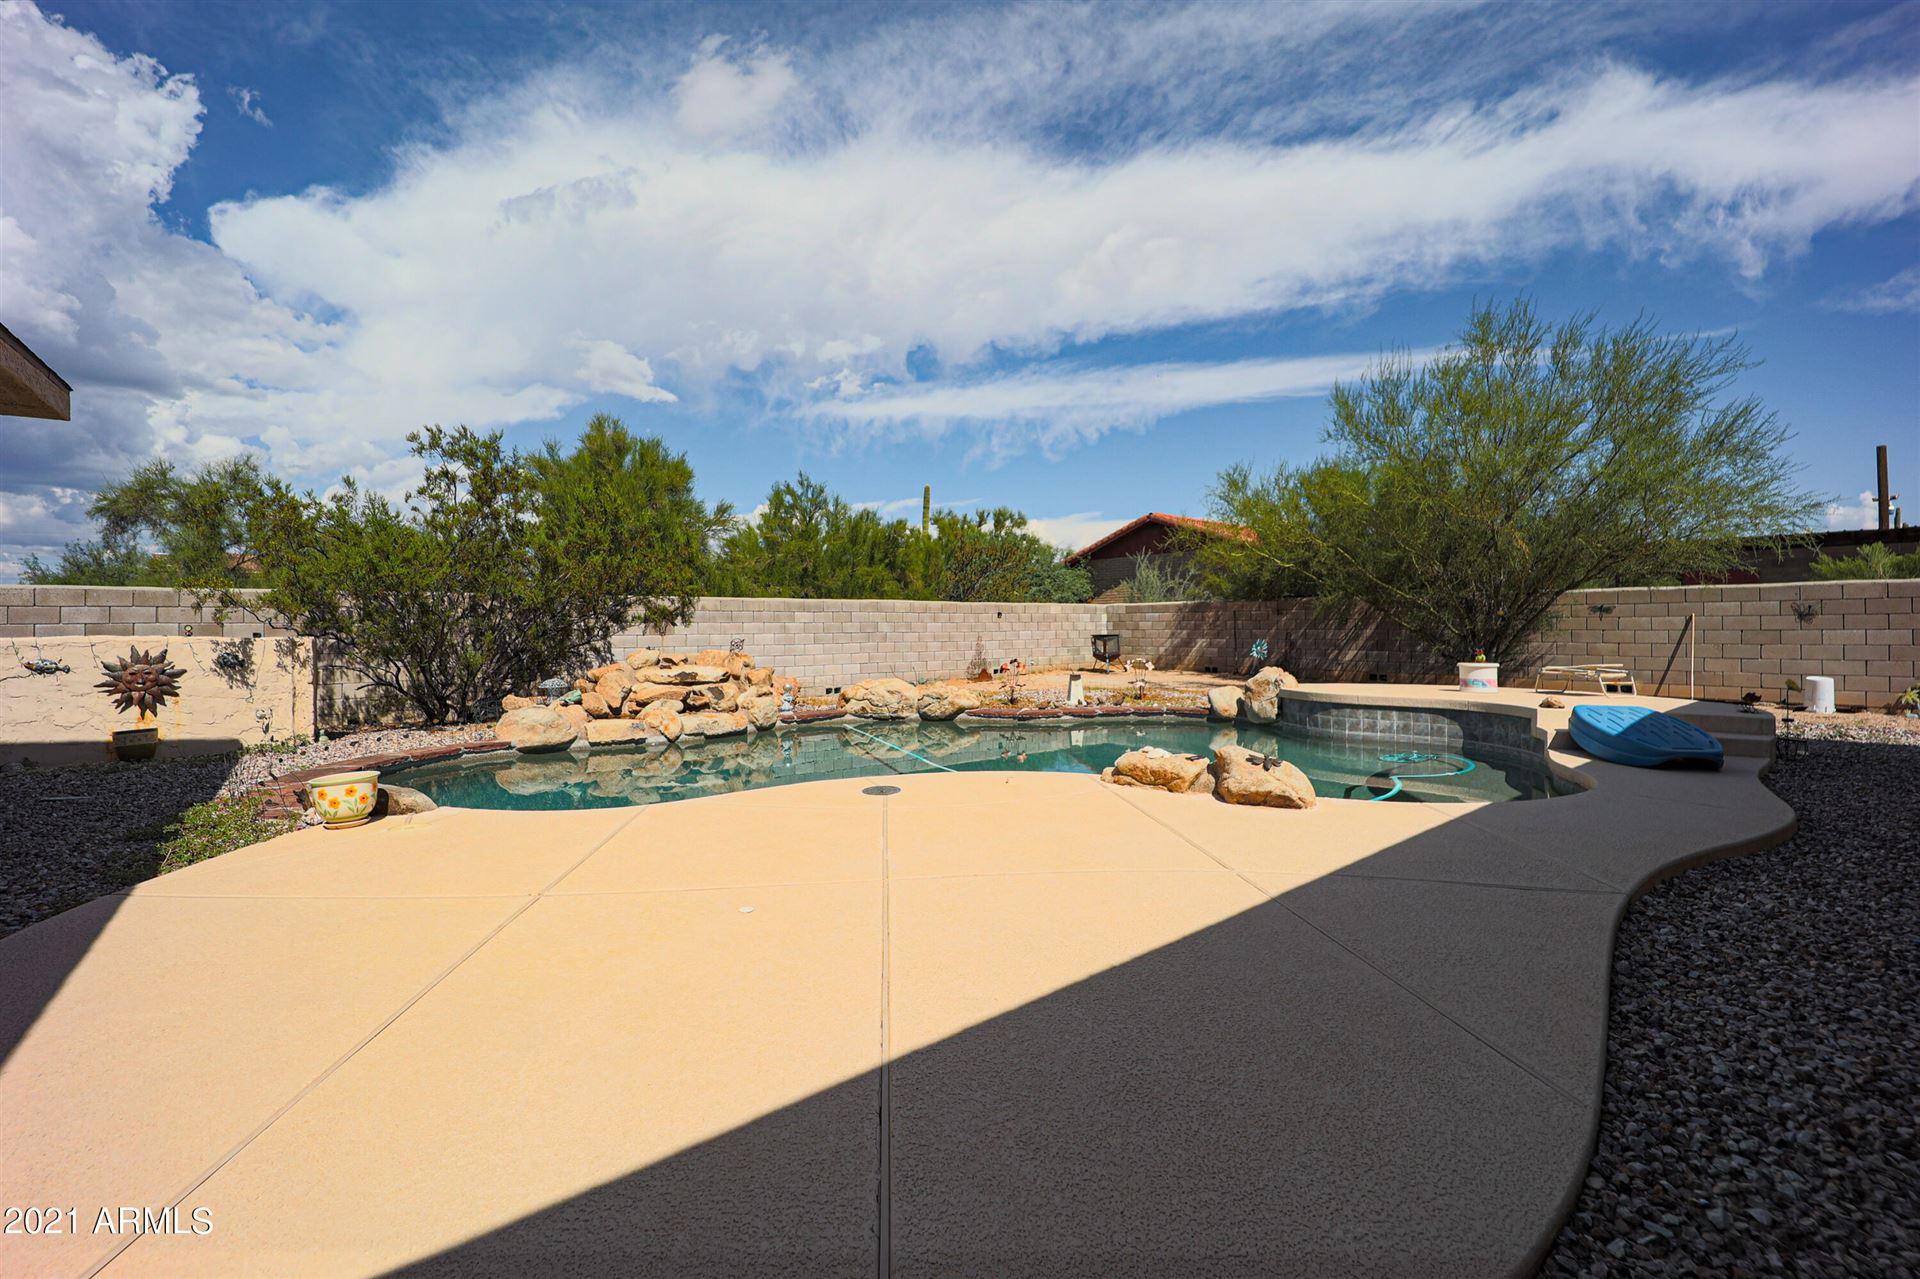 Photo of 6218 E DUANE Lane, Cave Creek, AZ 85331 (MLS # 6301941)